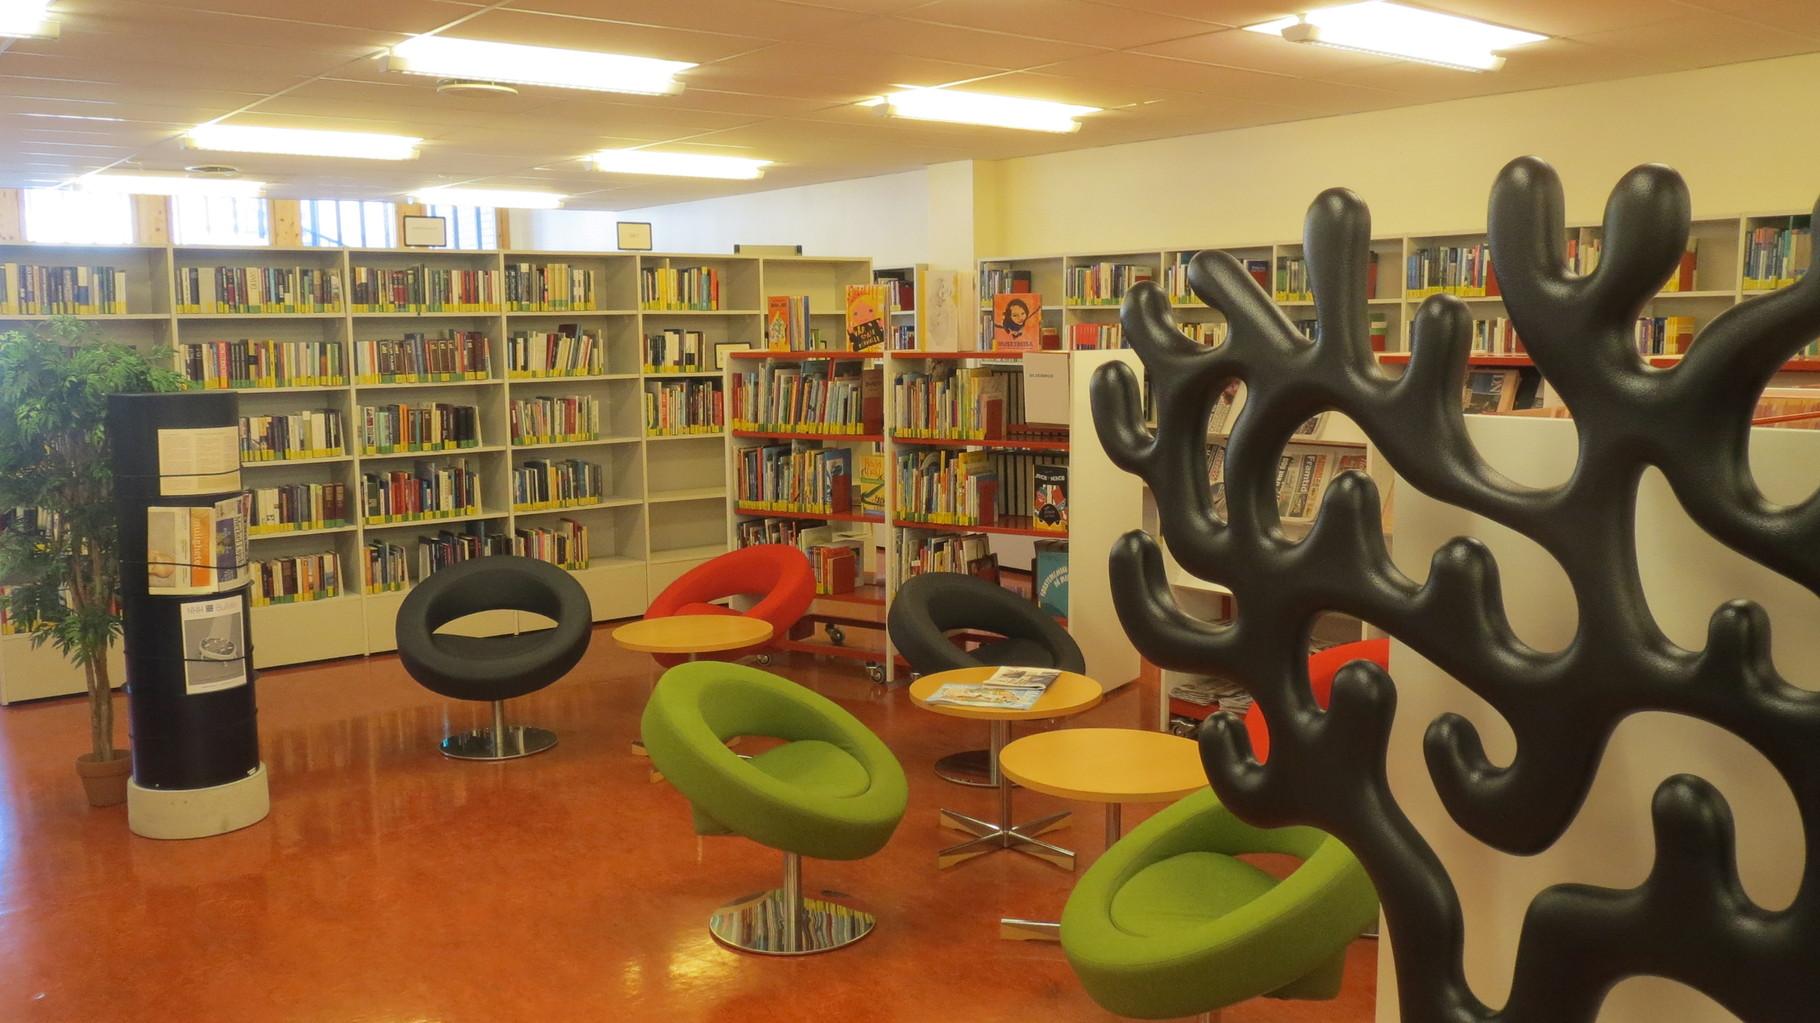 ... mit Leseecke in der Bibliothek und ...